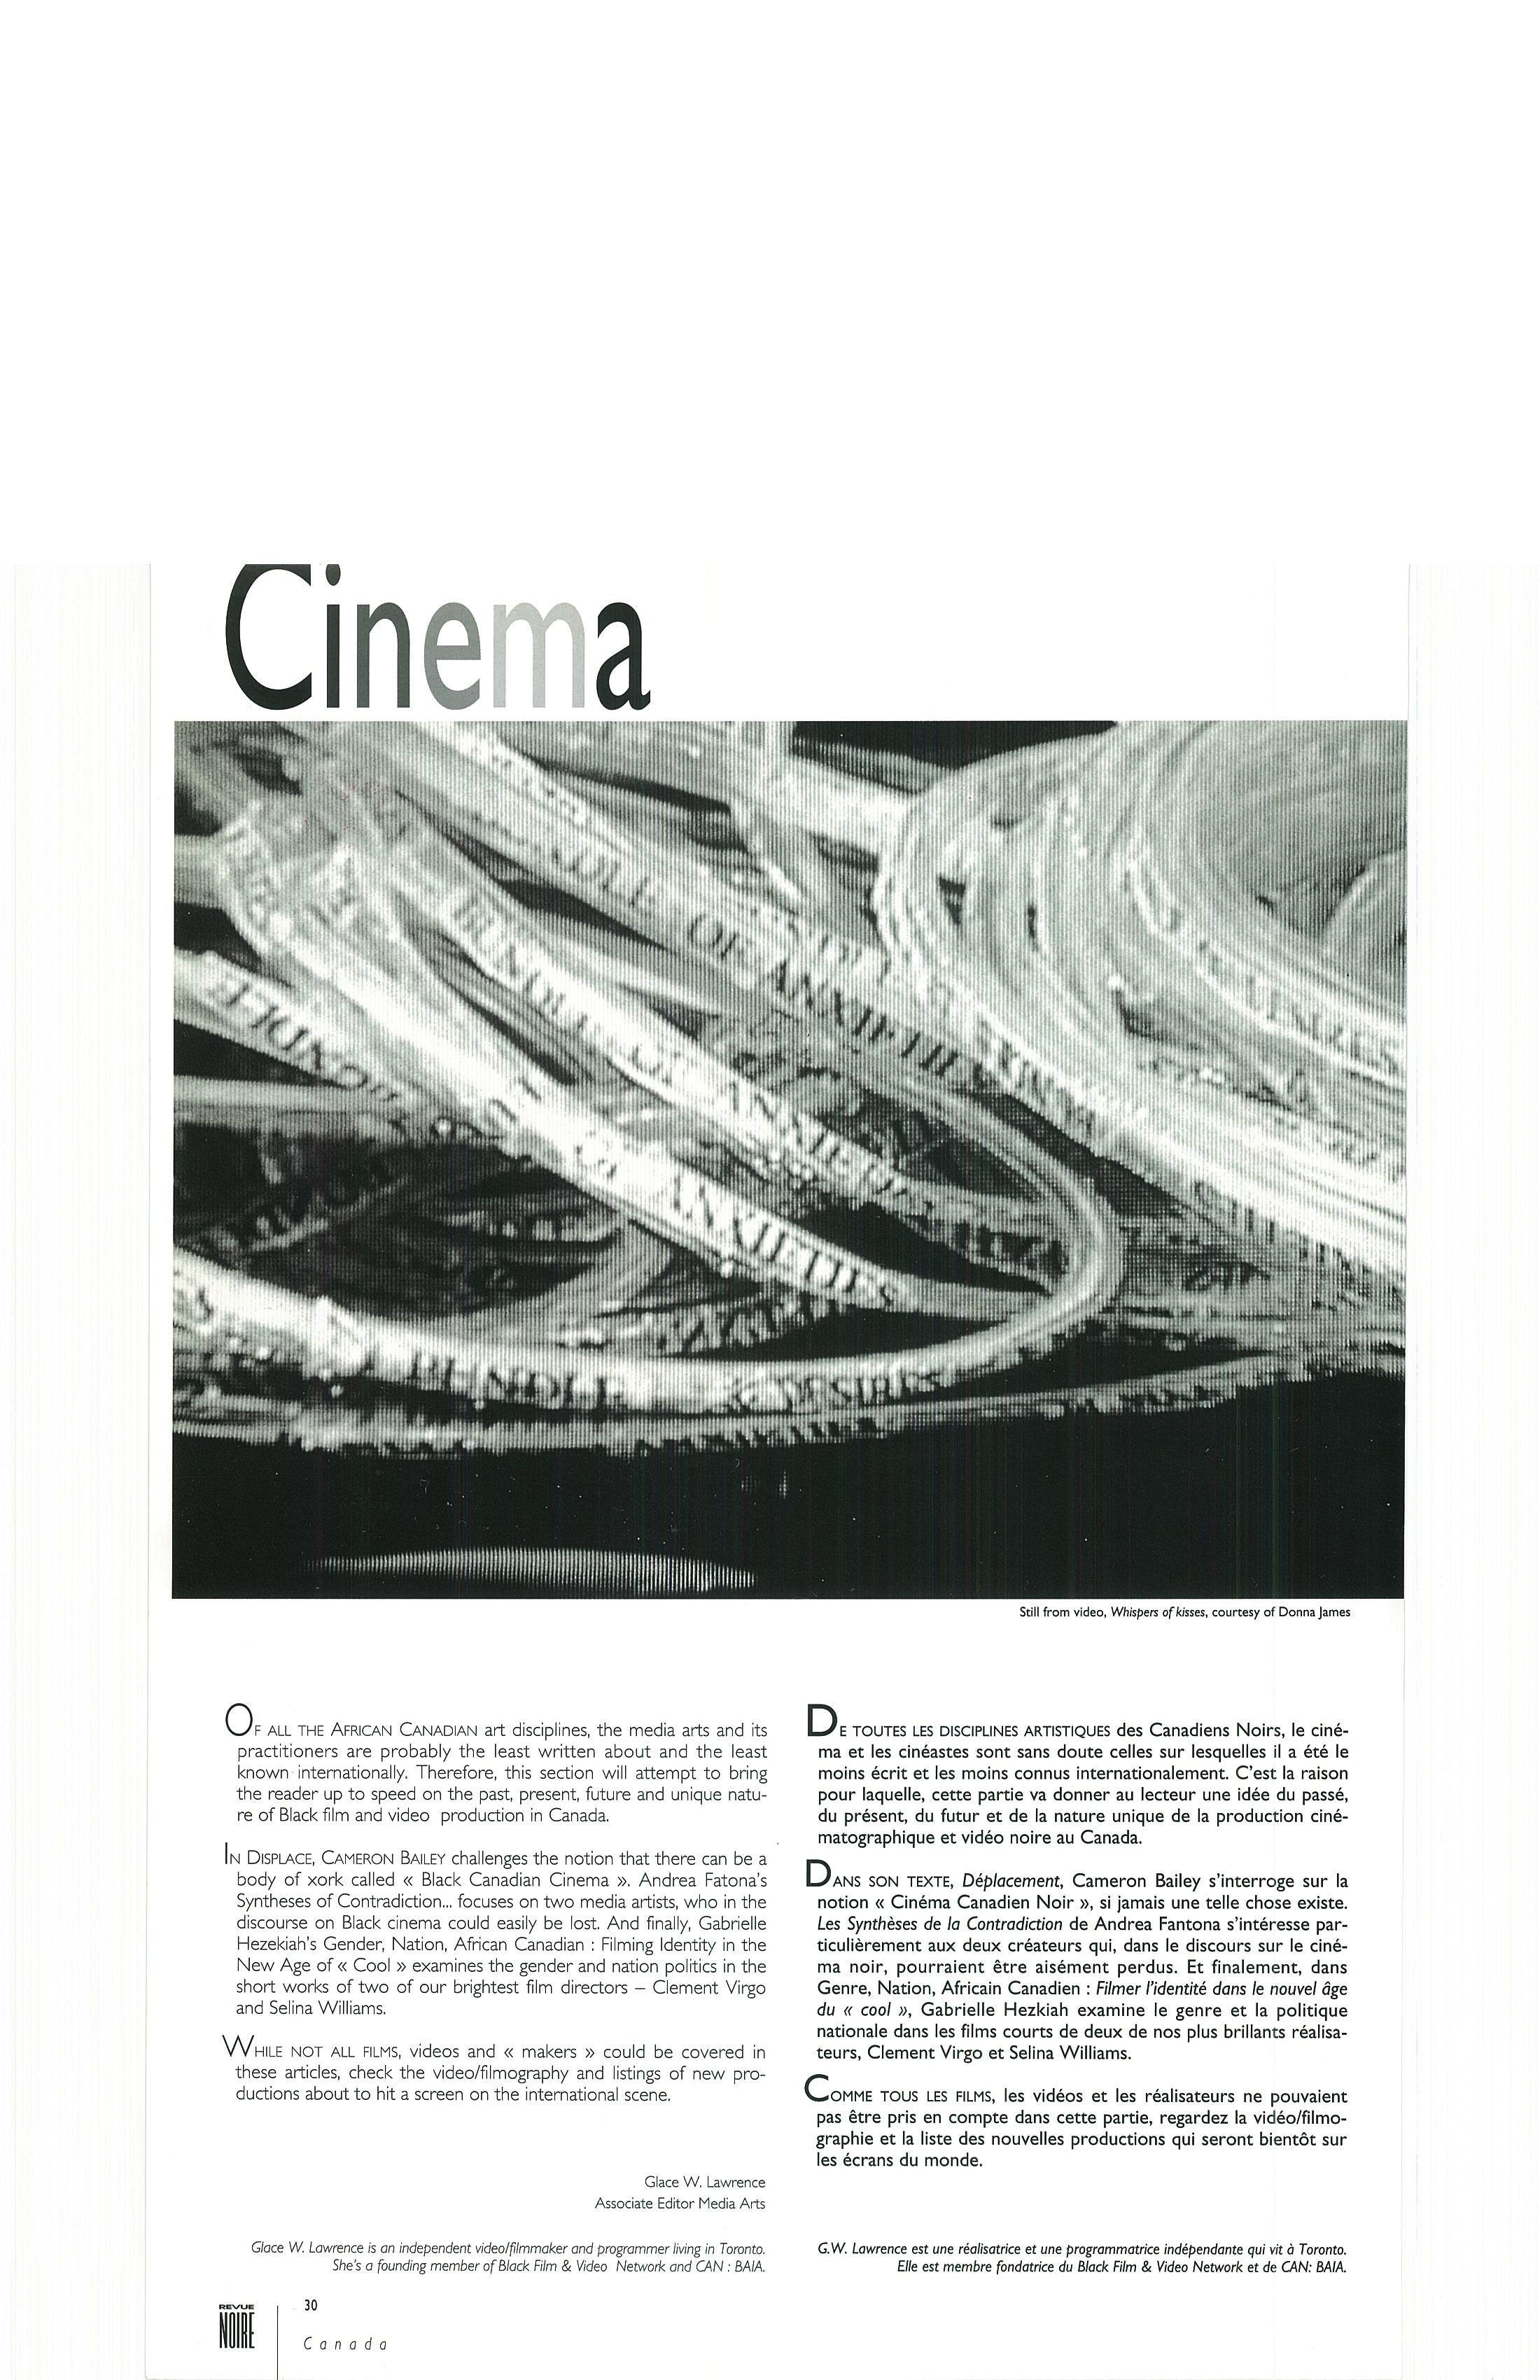 2. Revue Noire book_Page_032